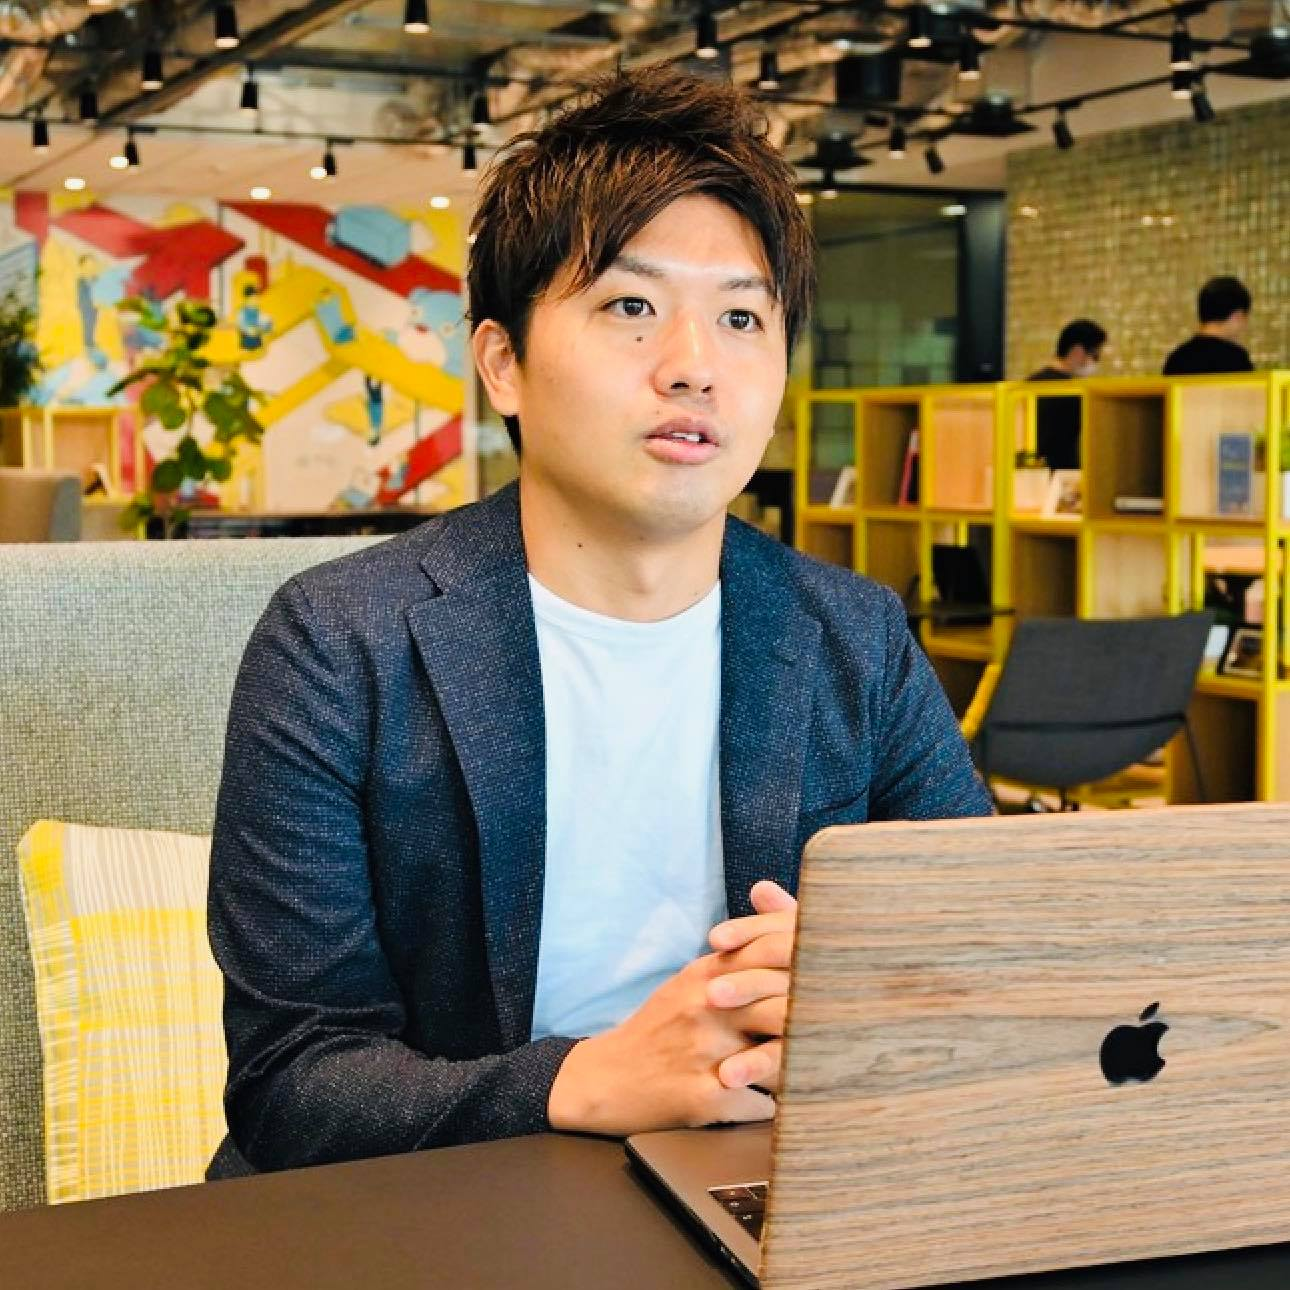 株式会社TechBowl 代表 小澤政生